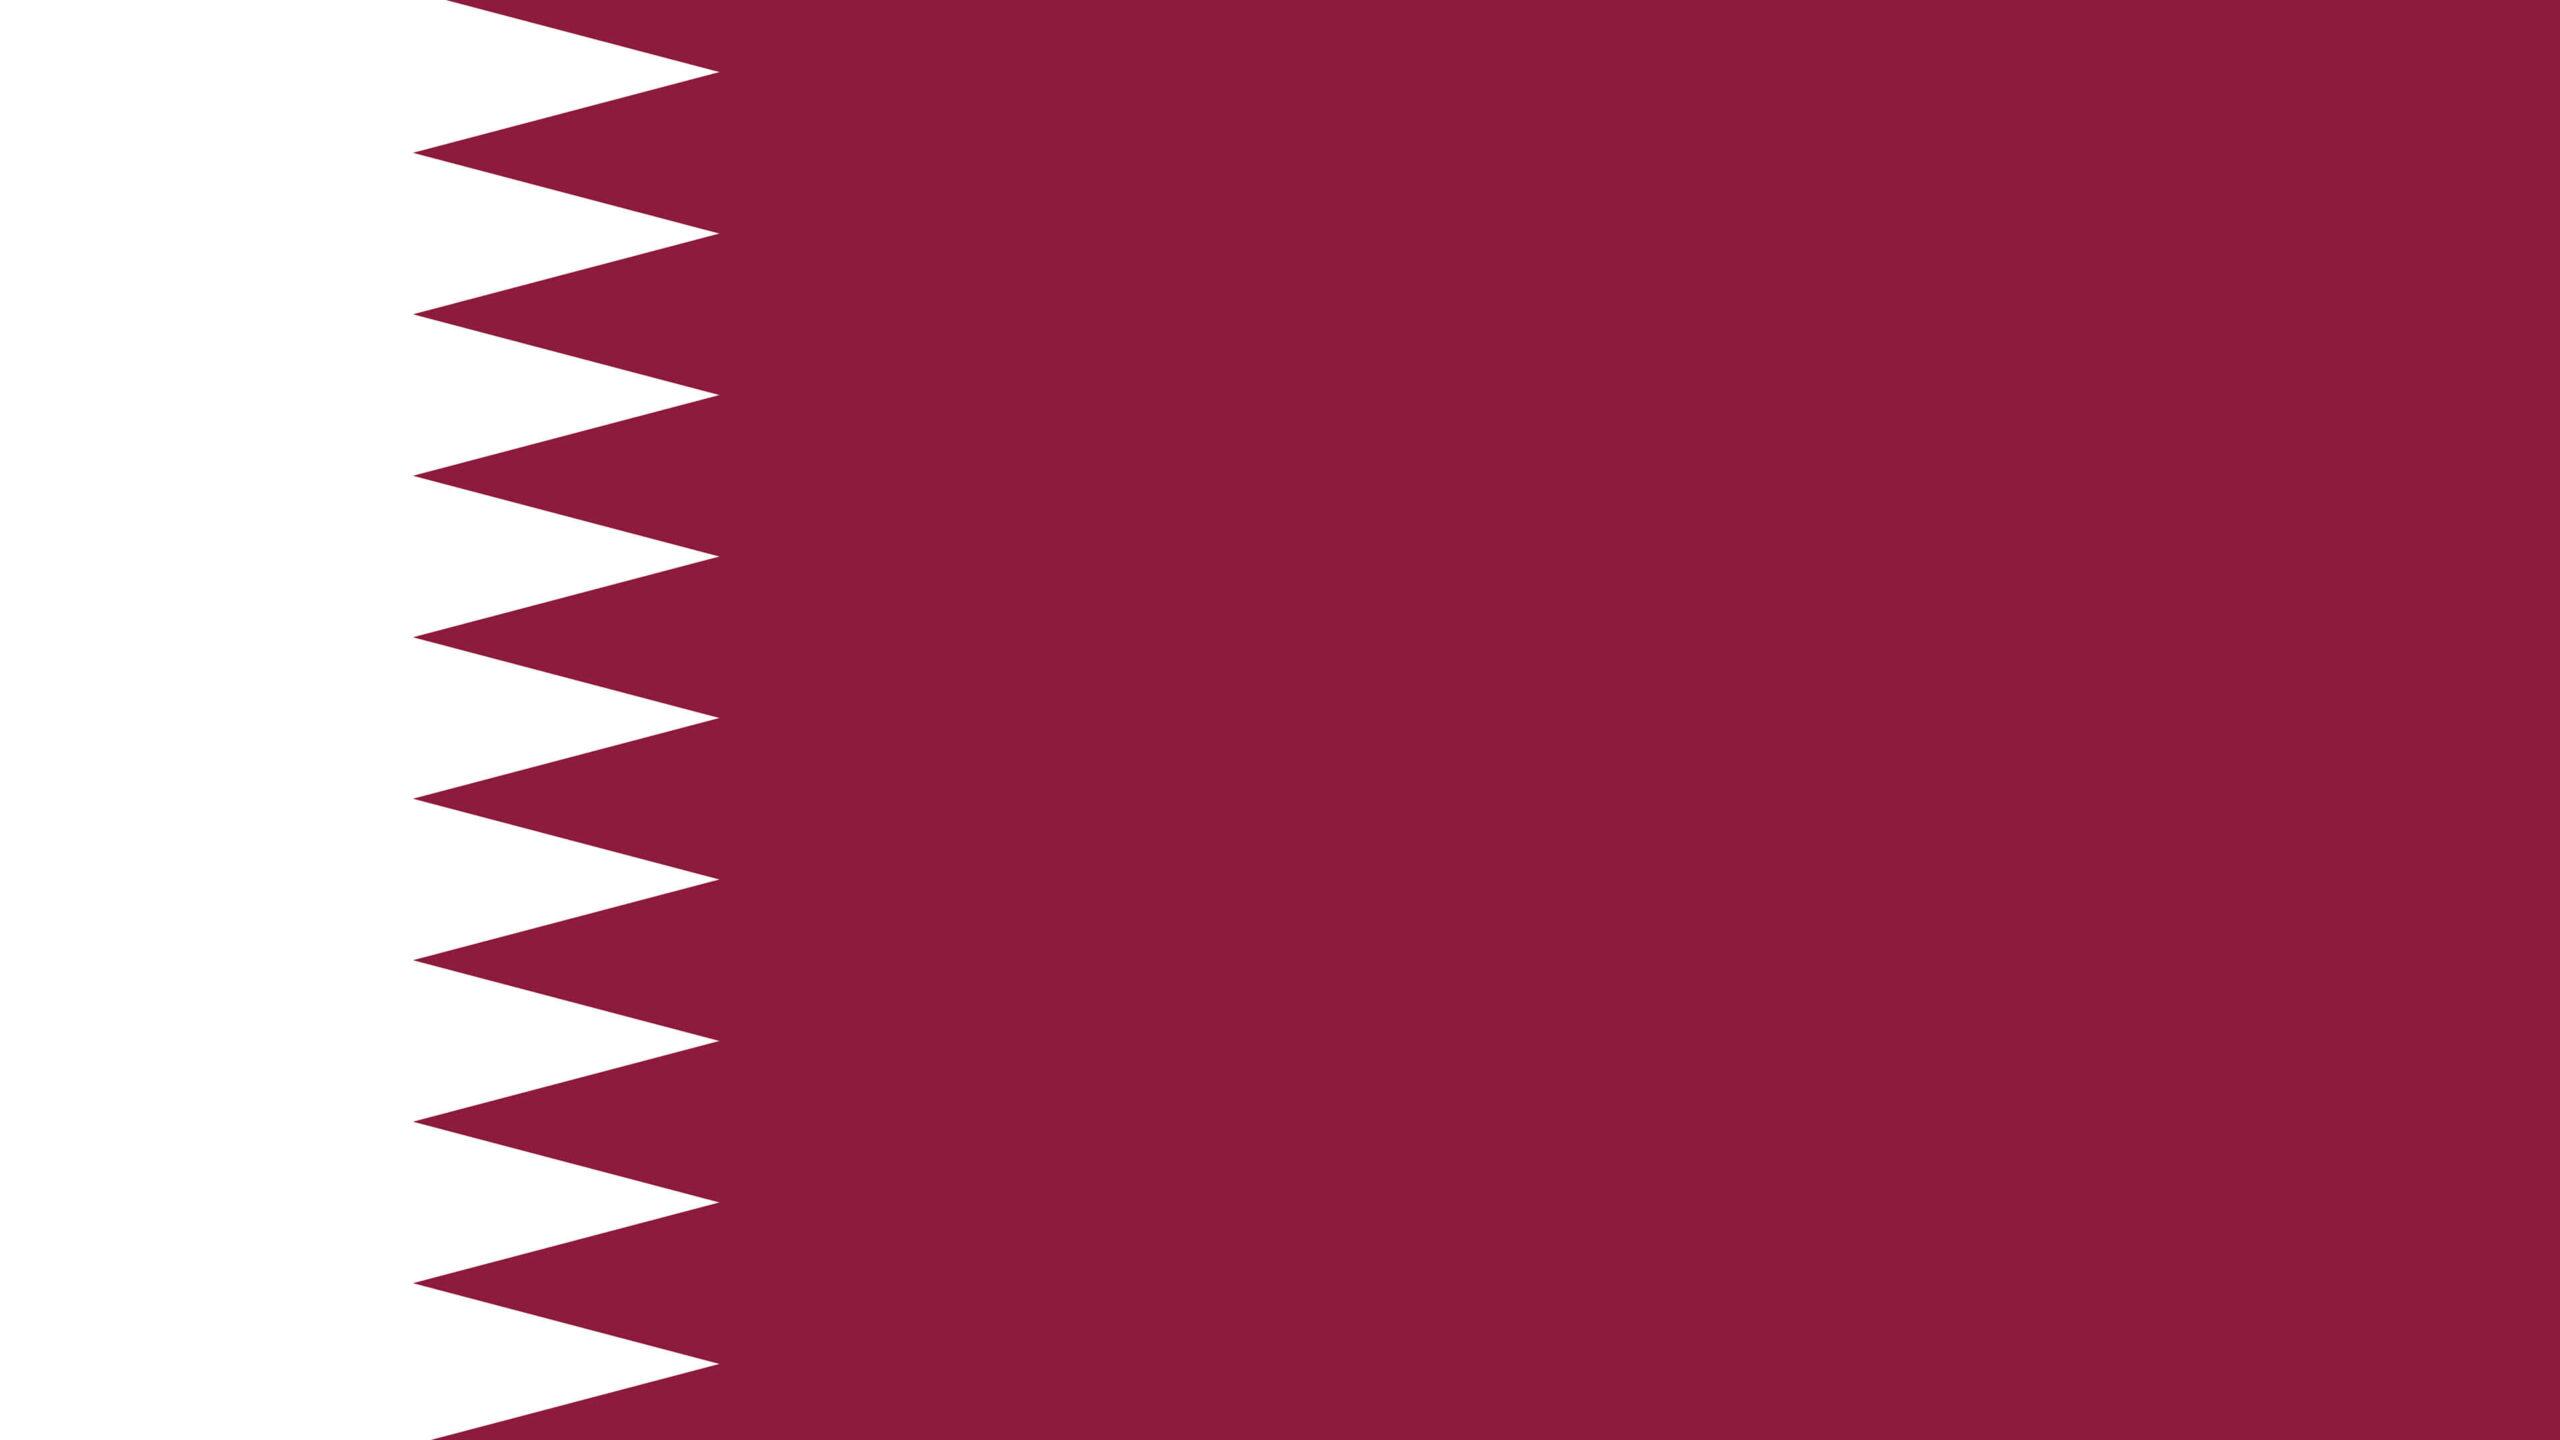 Declaración de la Oficina de Comunicaciones del Gobierno del Estado de Qatar en respuesta al informe de Human Rights Watch